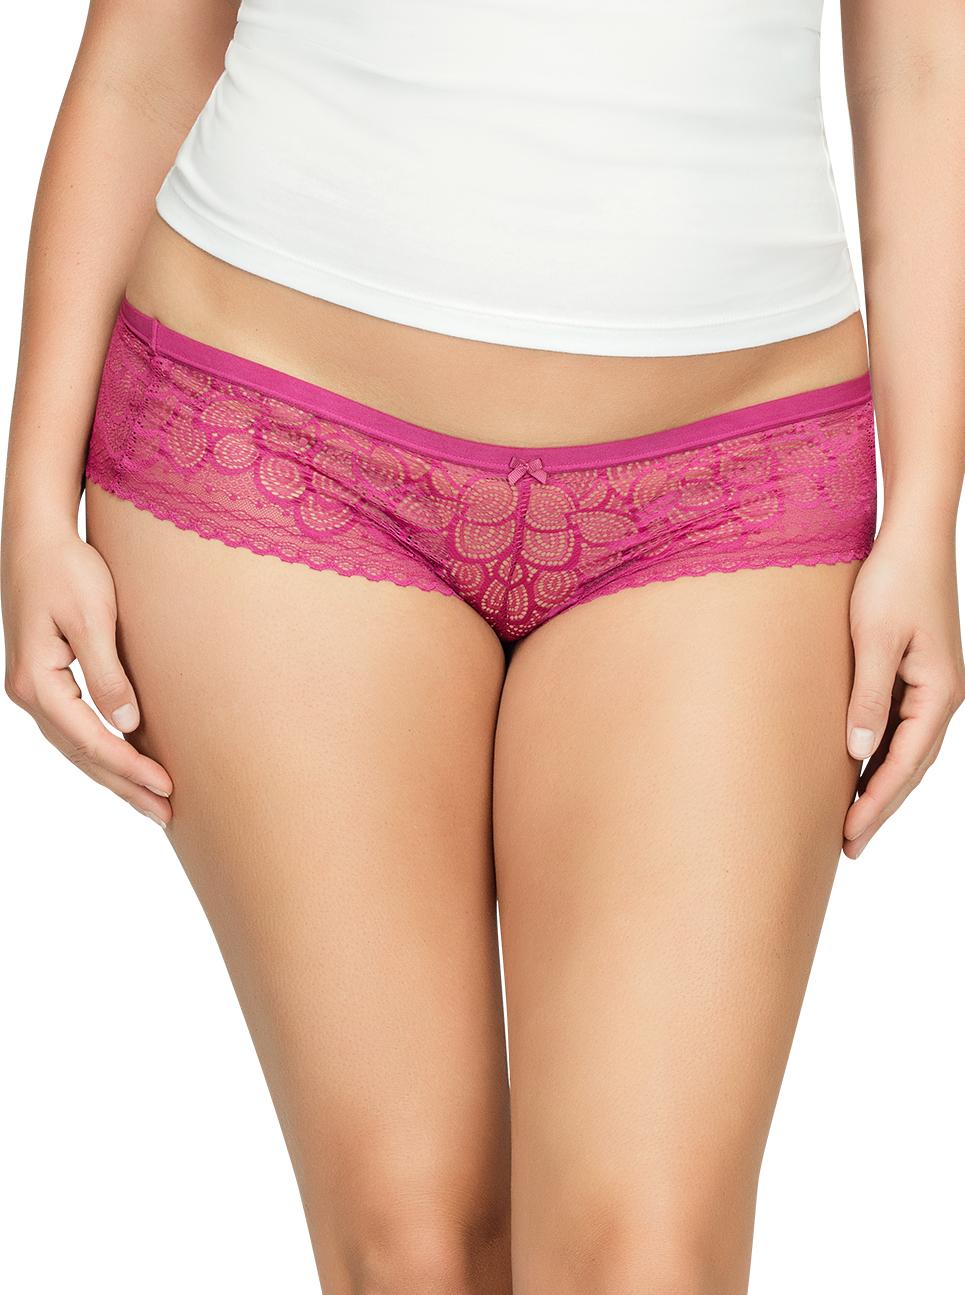 PARFAIT ParfaitPanty SoGlam HipsterPP502 Raspberry Front1 - Panty So Glam Hipster - Raspberry - PP502